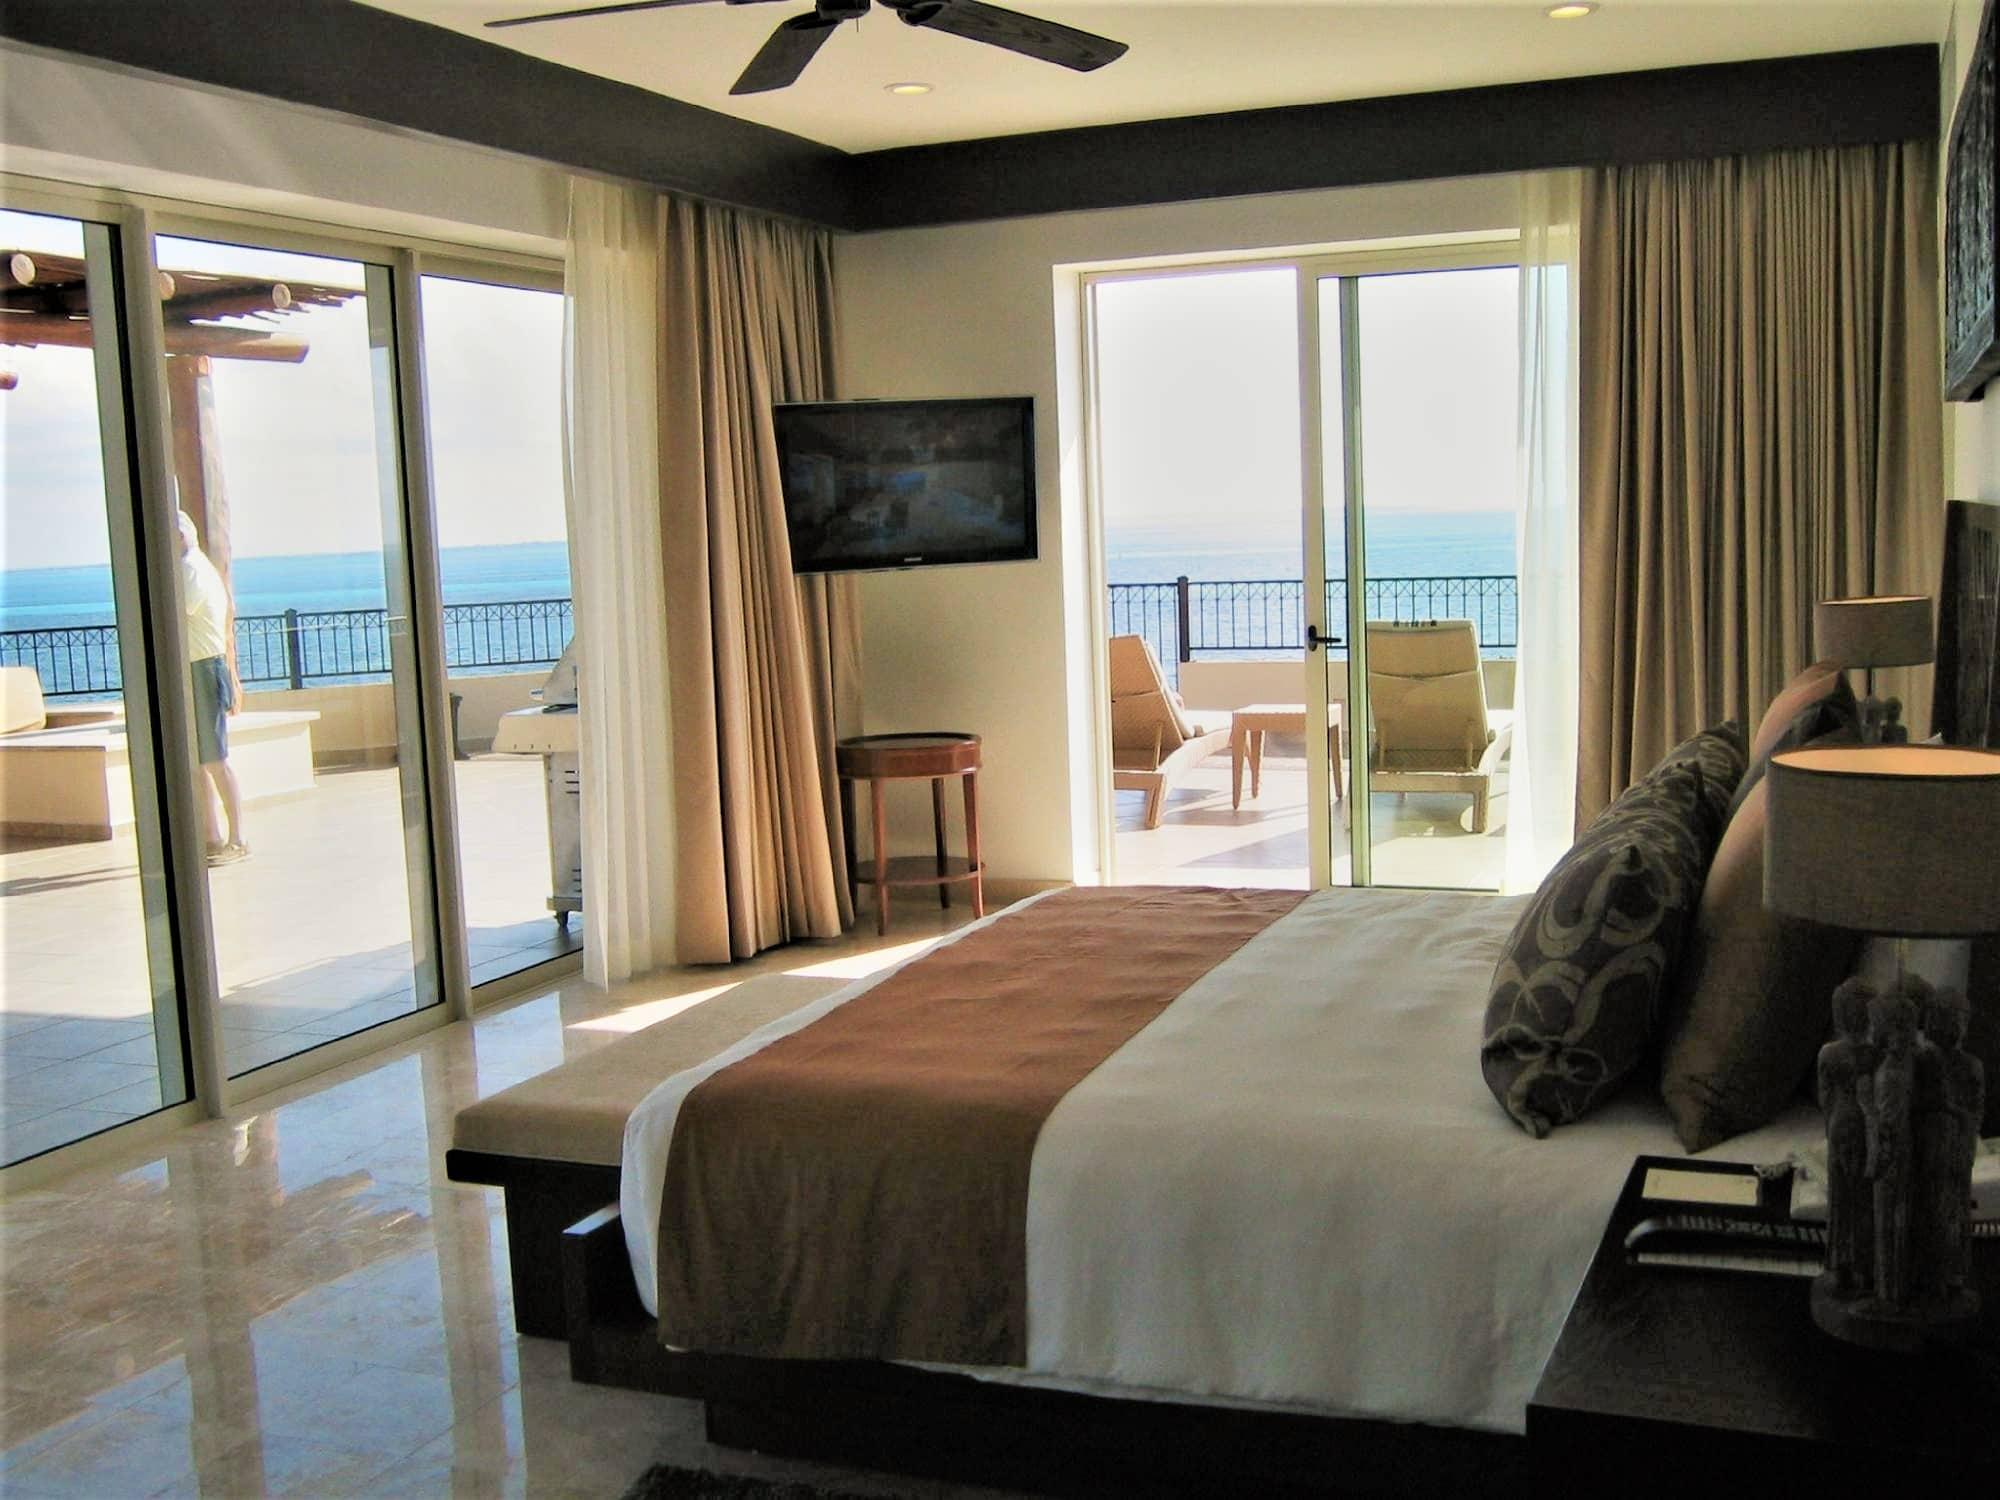 Villa Del Palmar Cancun Deluxe Master